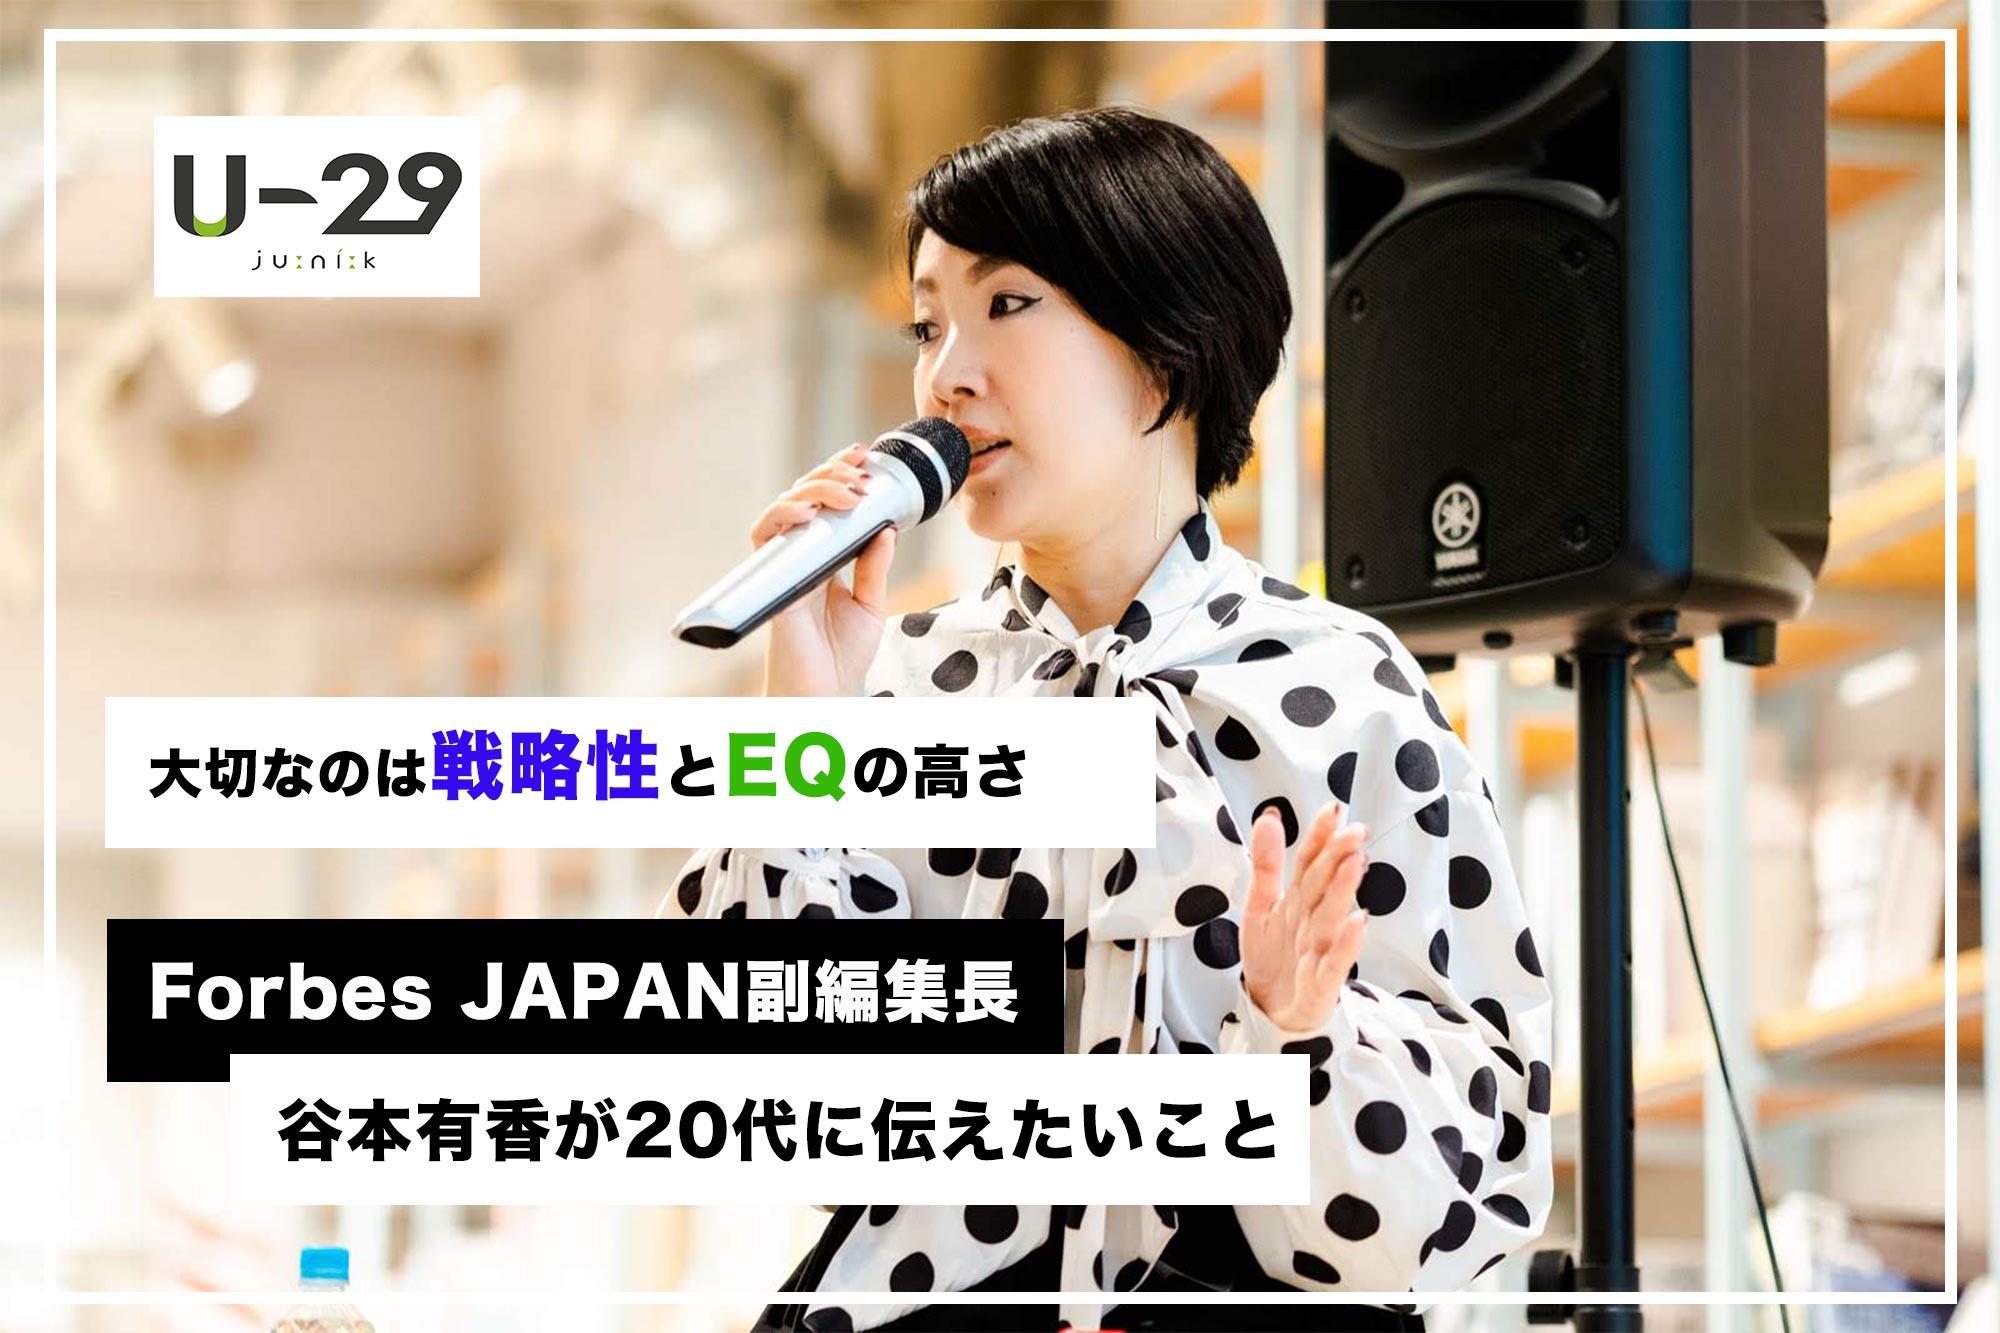 大切なのは戦略性とEQの高さ ー フォーブス ジャパン副編集長・谷本有香が20代に伝えたいこと【U-29 Career FESレポ】